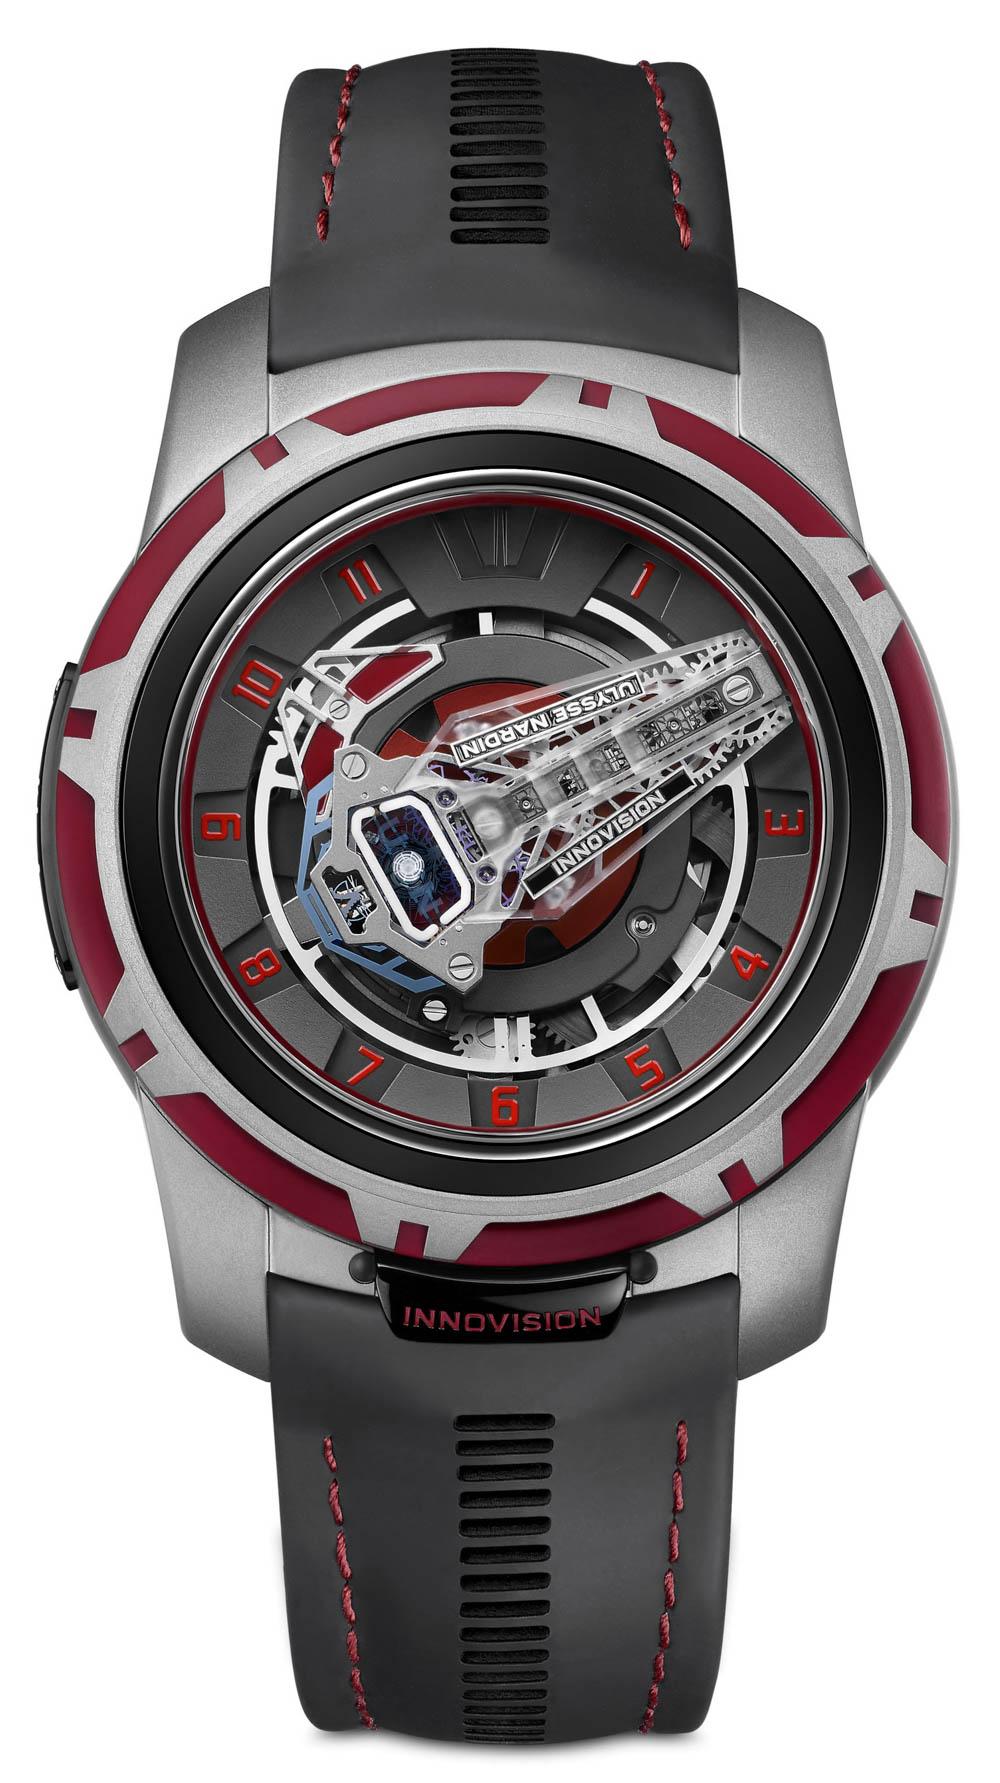 Watches_SIHH_Ulysse Nardin_InnoVision-2-watch-3